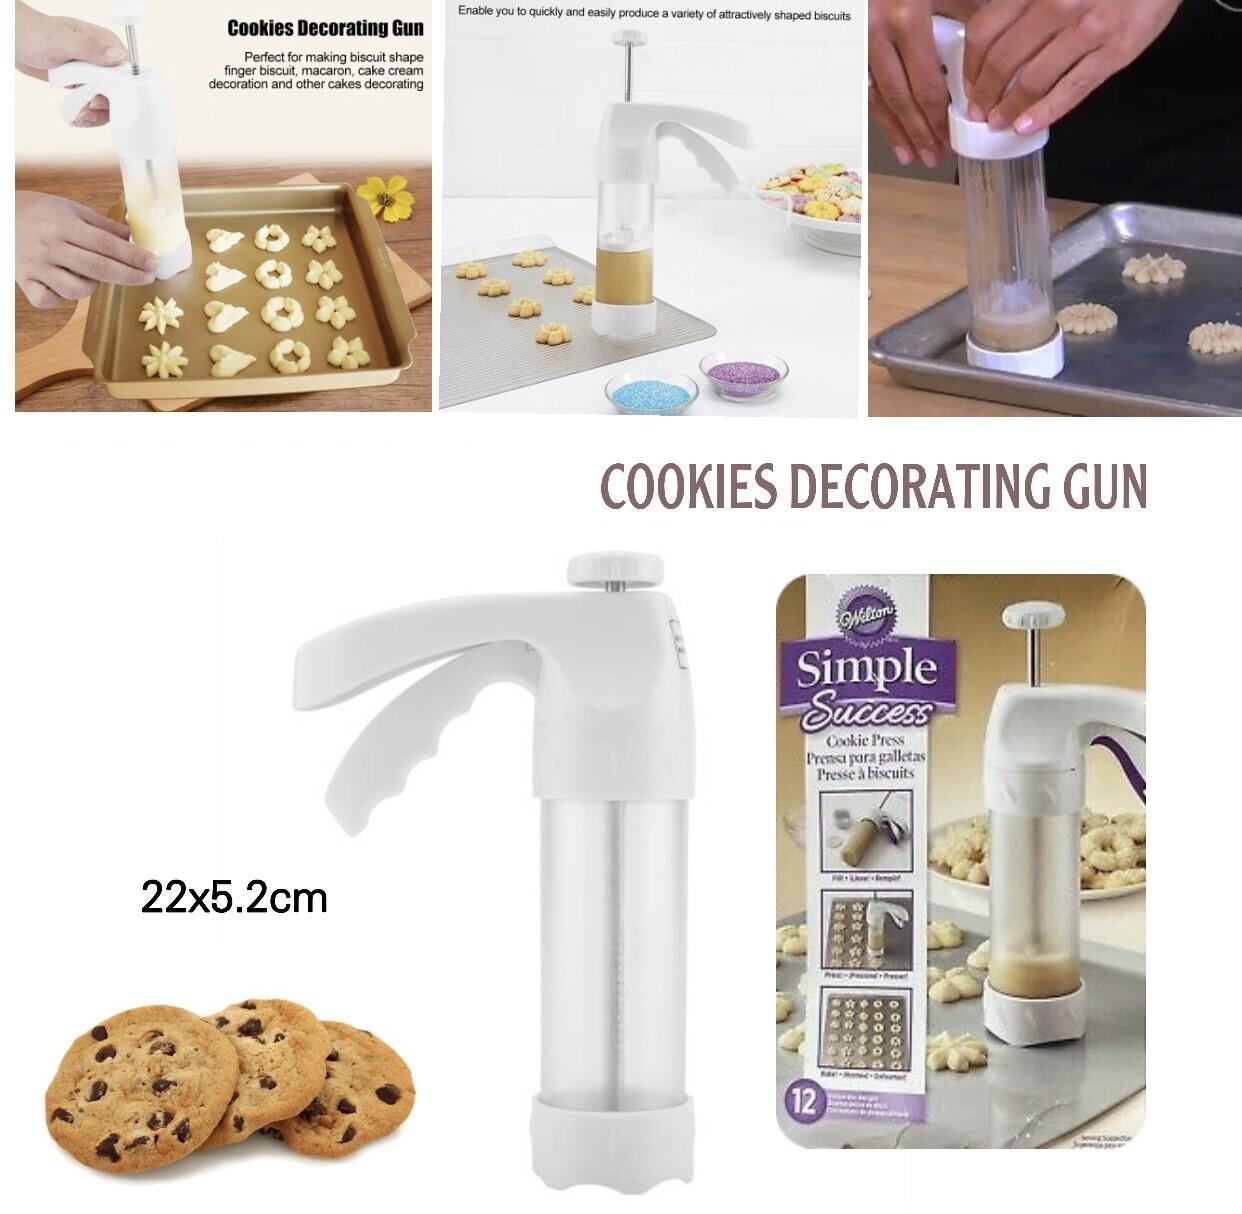 Cookies Decorating Gun